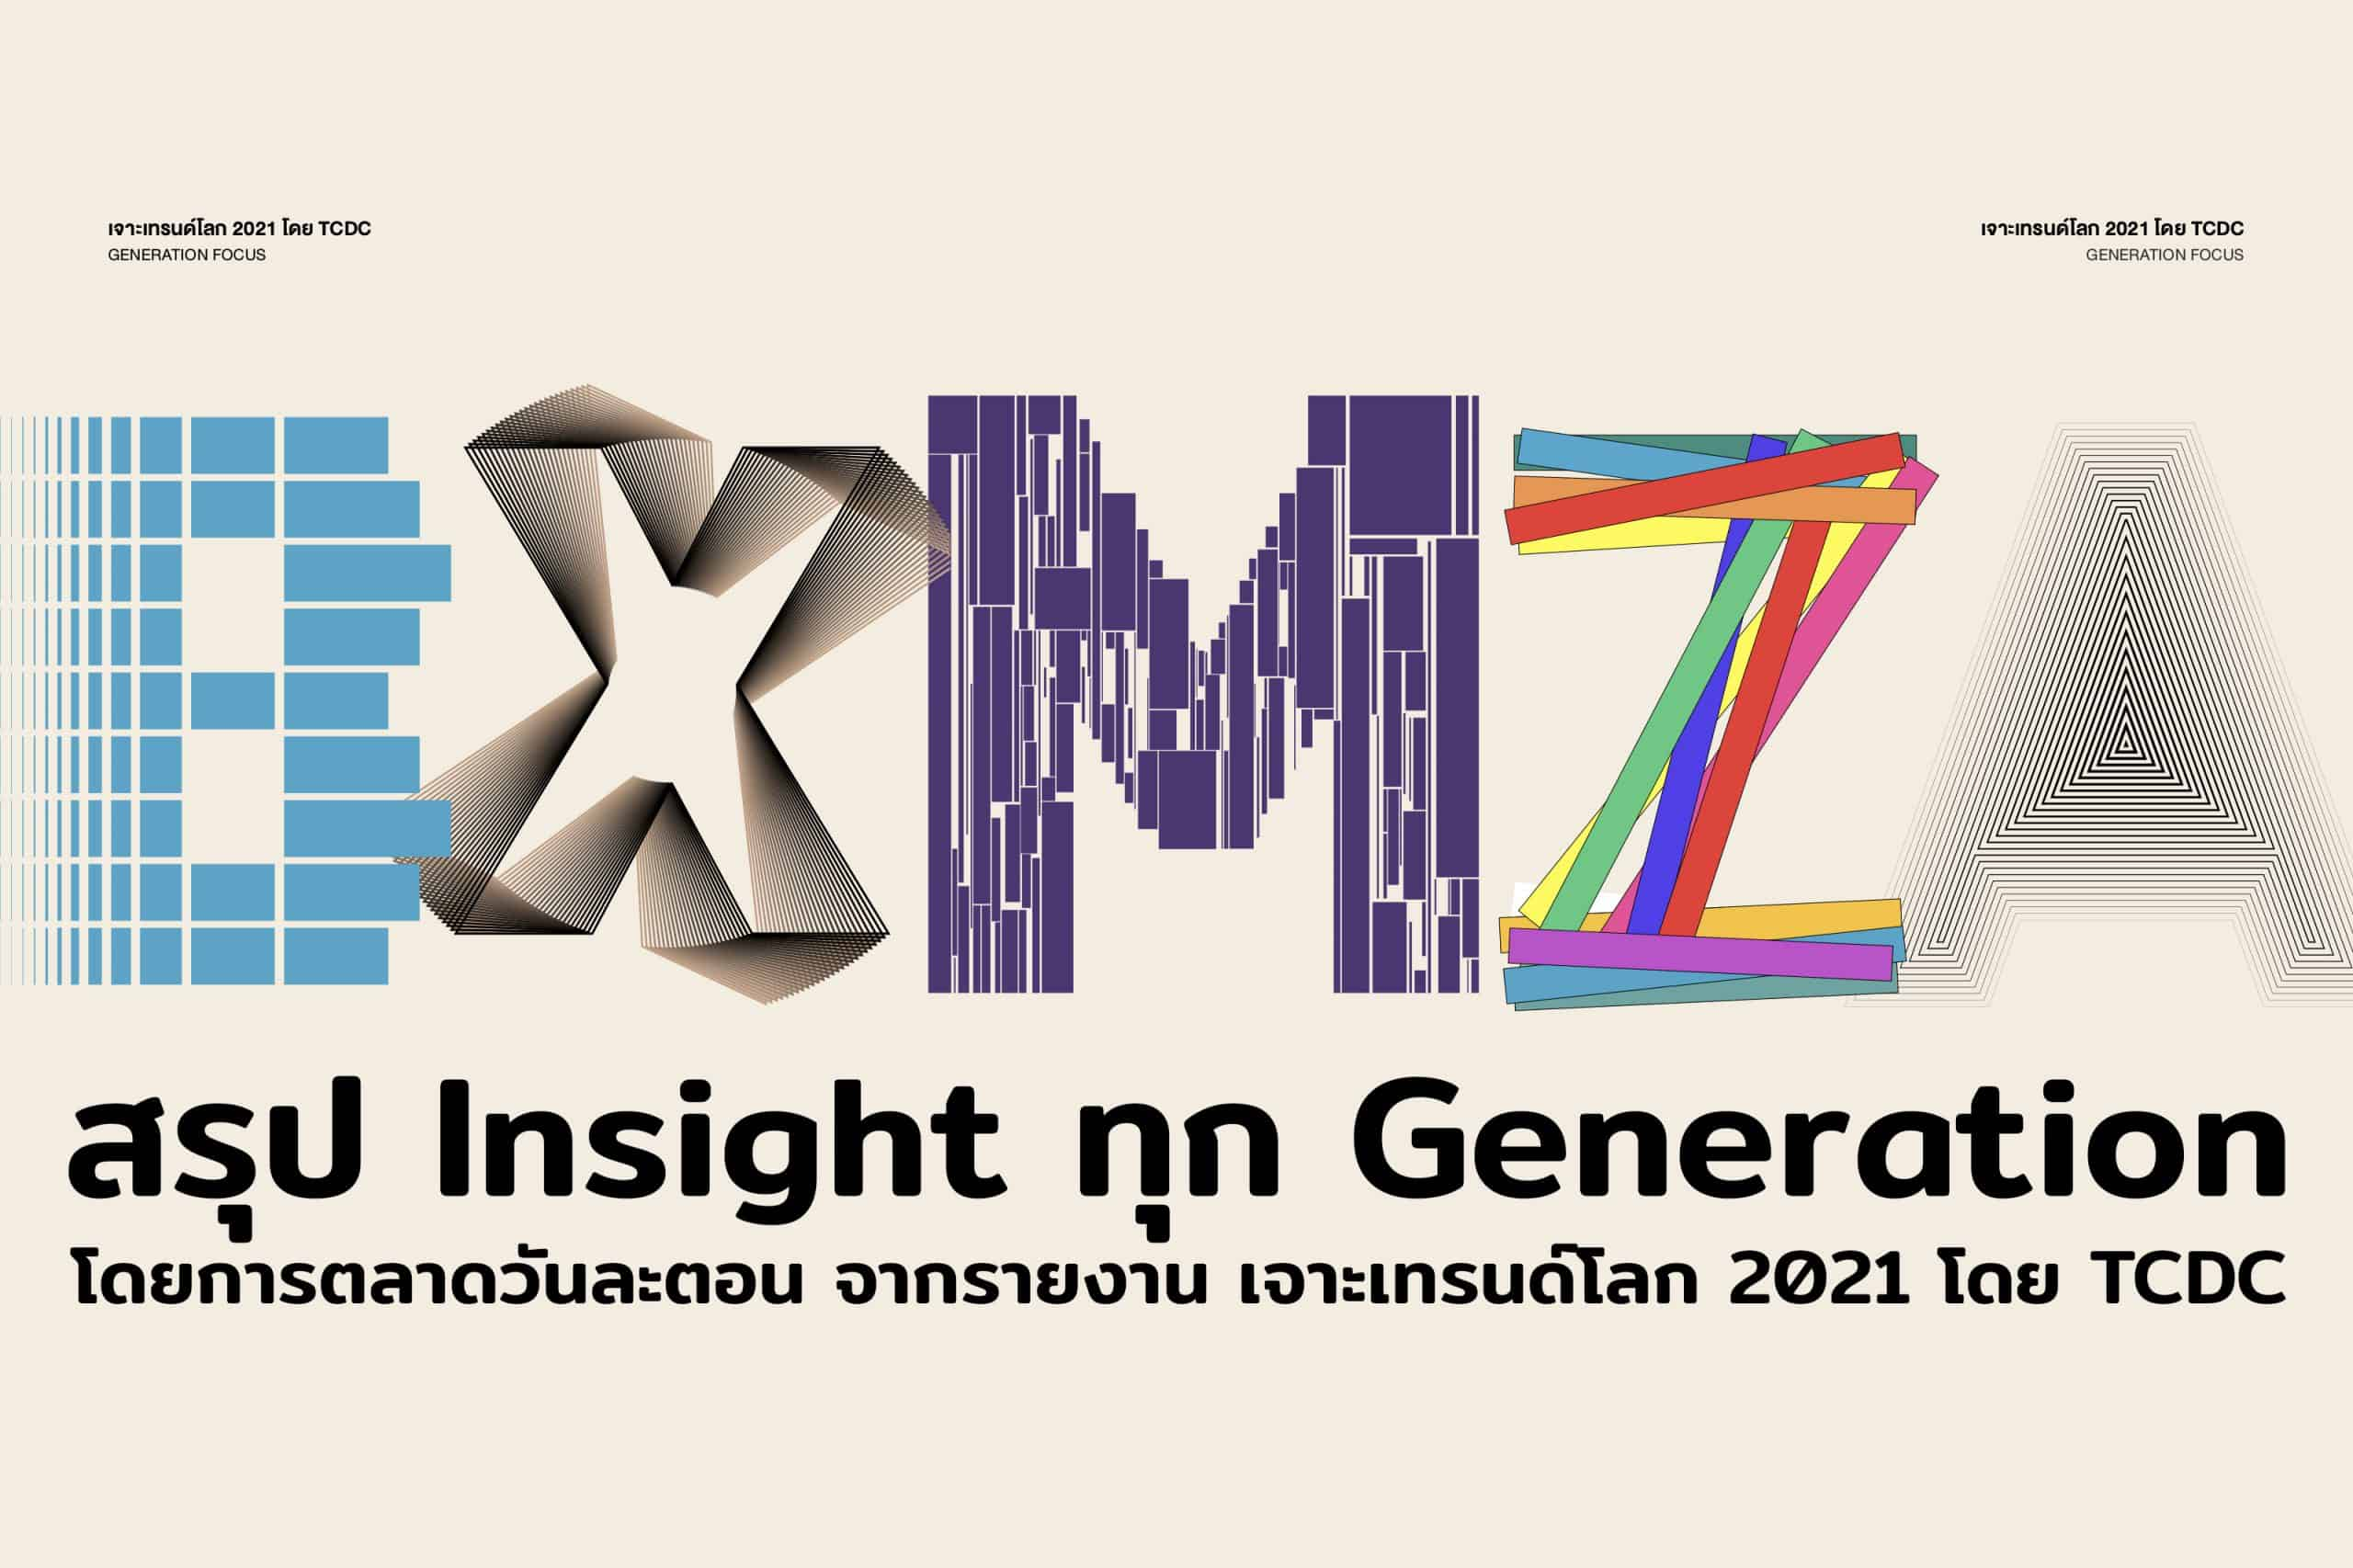 สรุป Insight ทุก Generation ของปี 2021 ตั้งแต่ Baby Boomer, Gen X, Gen Y, Gen Z ถึง Alpha